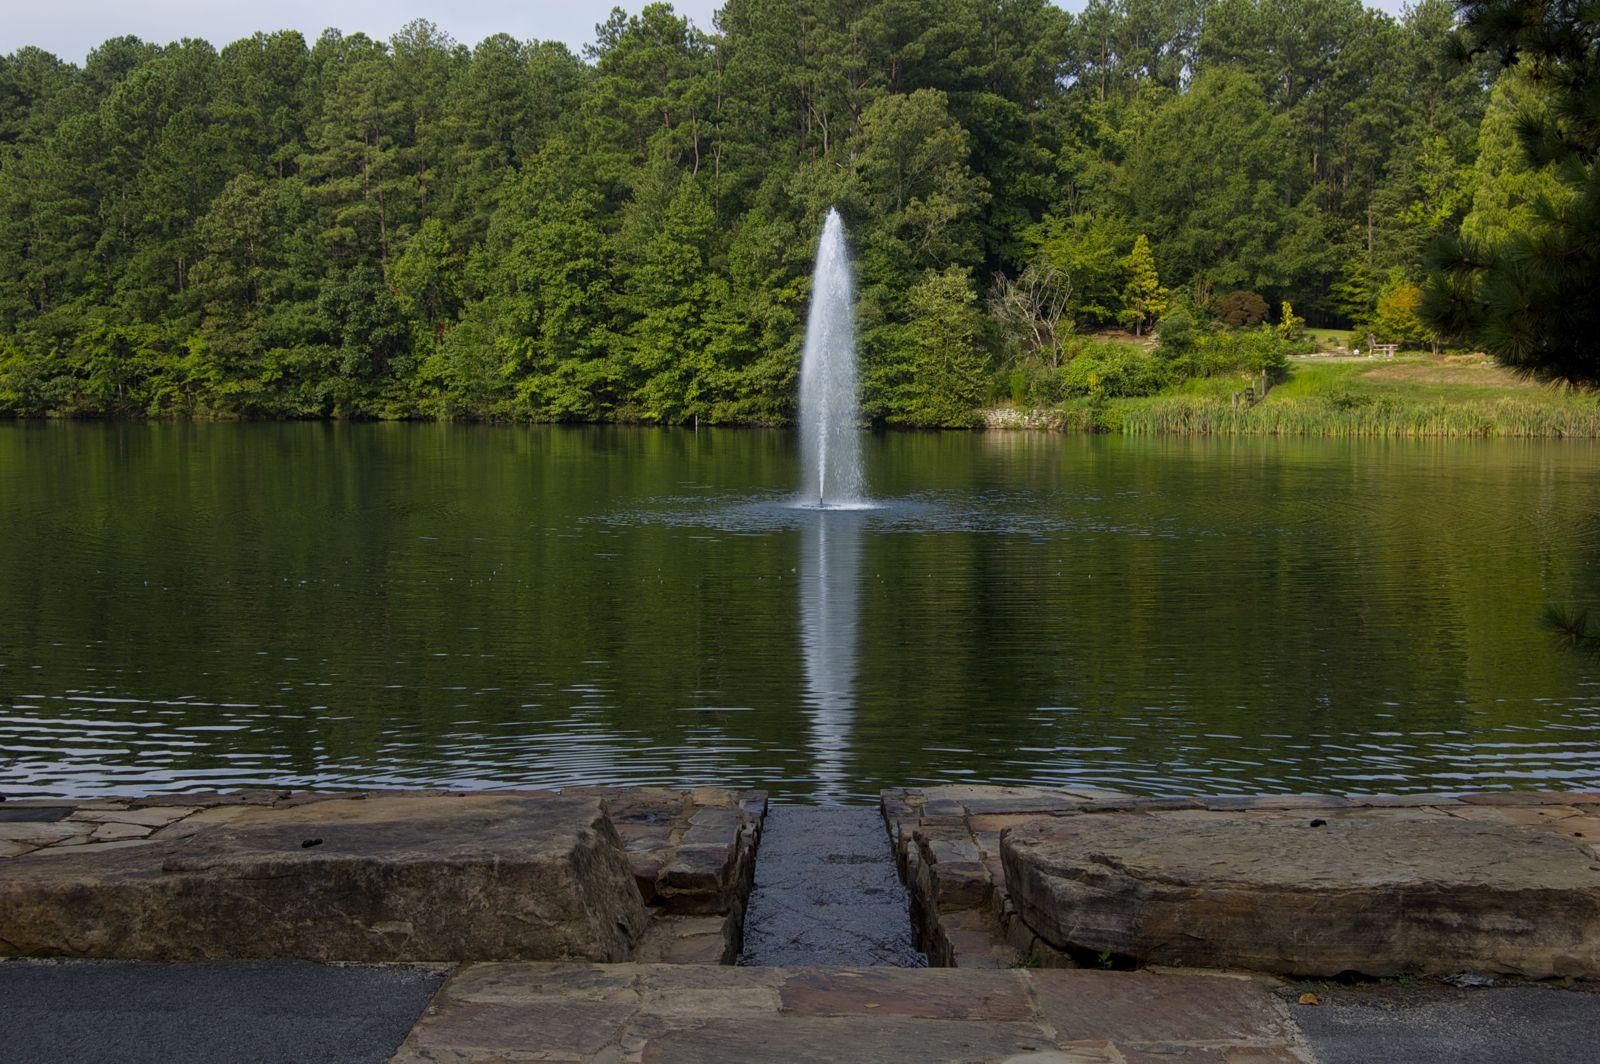 Sims Lake Park Lake Park County Park Lake